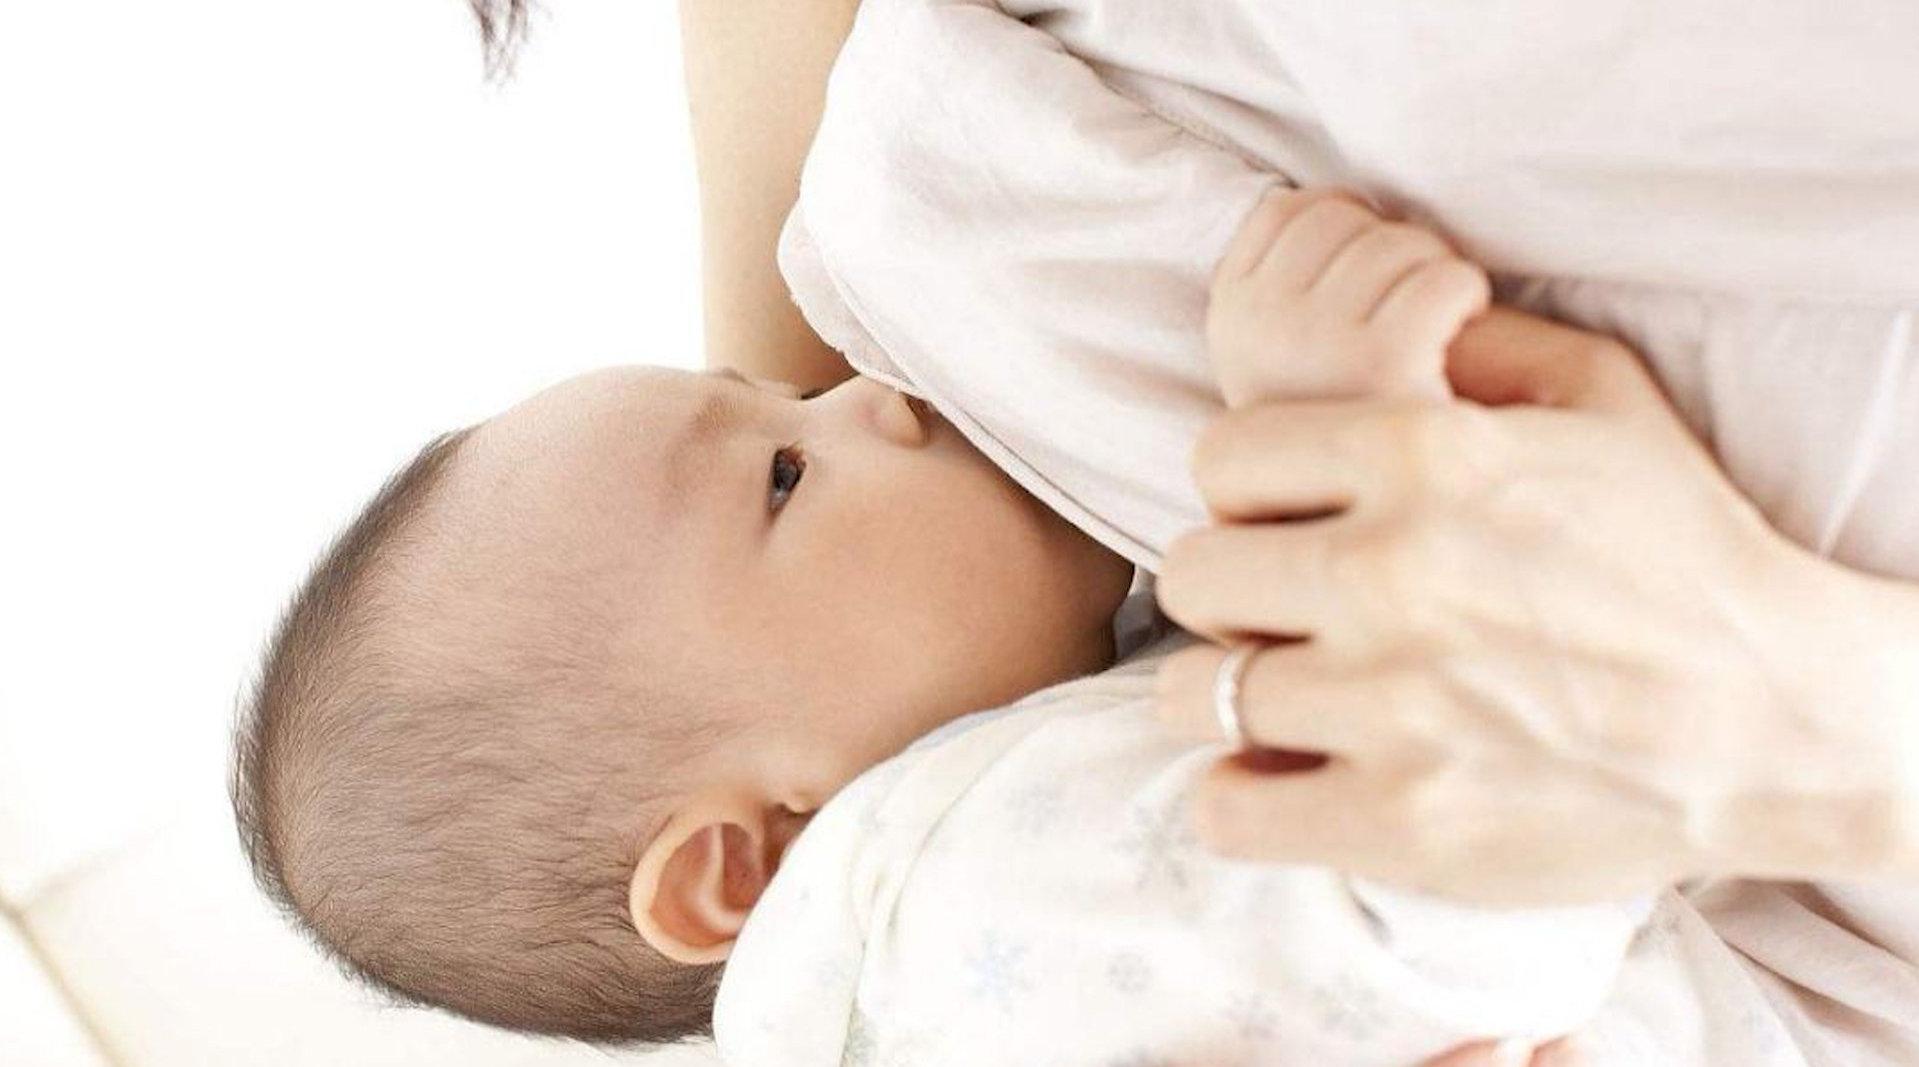 母乳喂养与奶粉喂养差别真的很大吗?答案让人完全没有想到